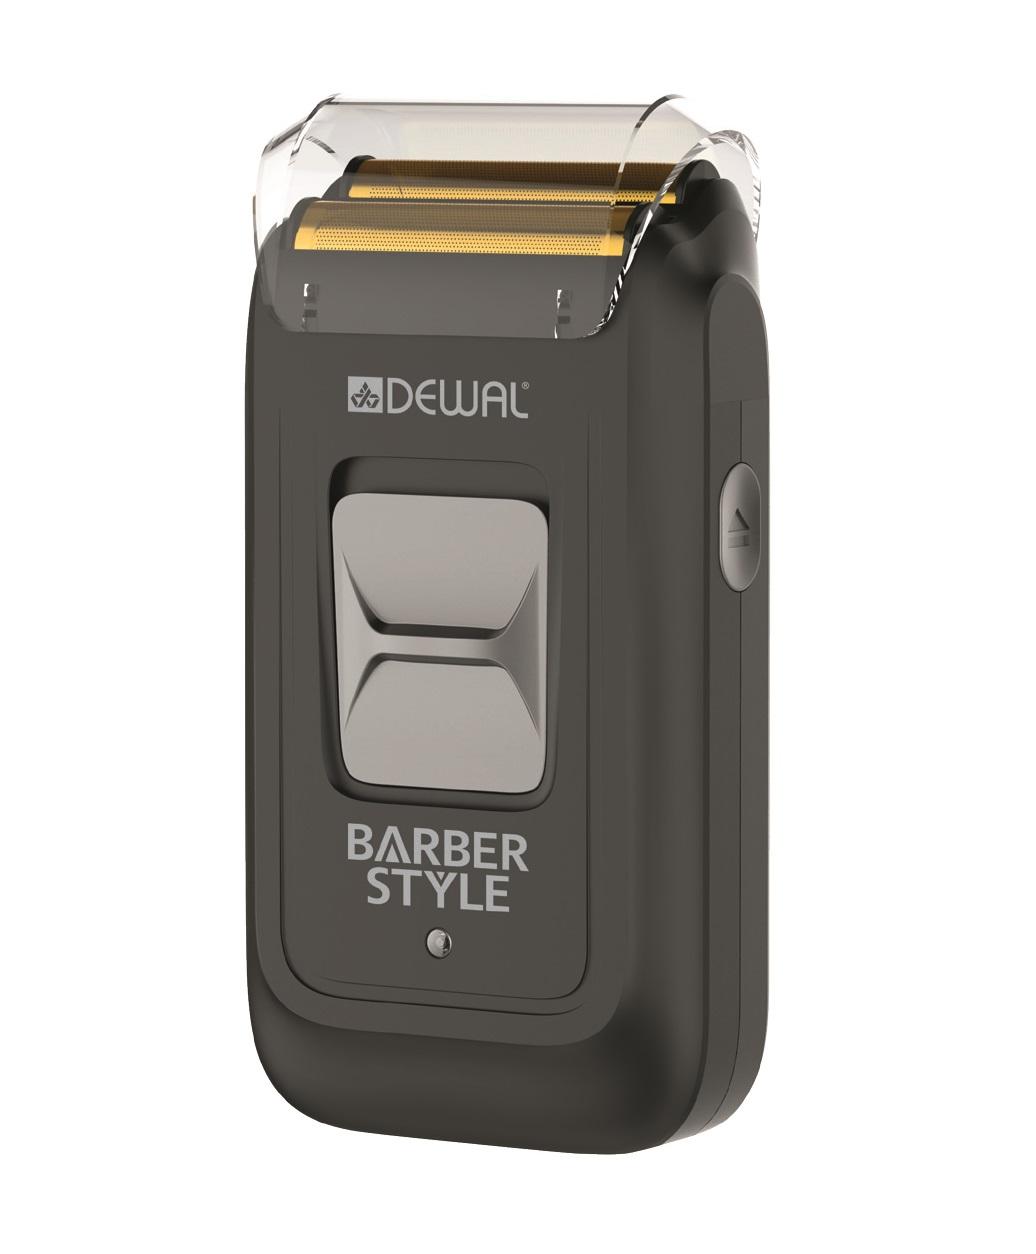 Купить DEWAL PROFESSIONAL Шейвер для проработки контуров и бороды Barber style, аккумуляторно-сетевой, 5 W